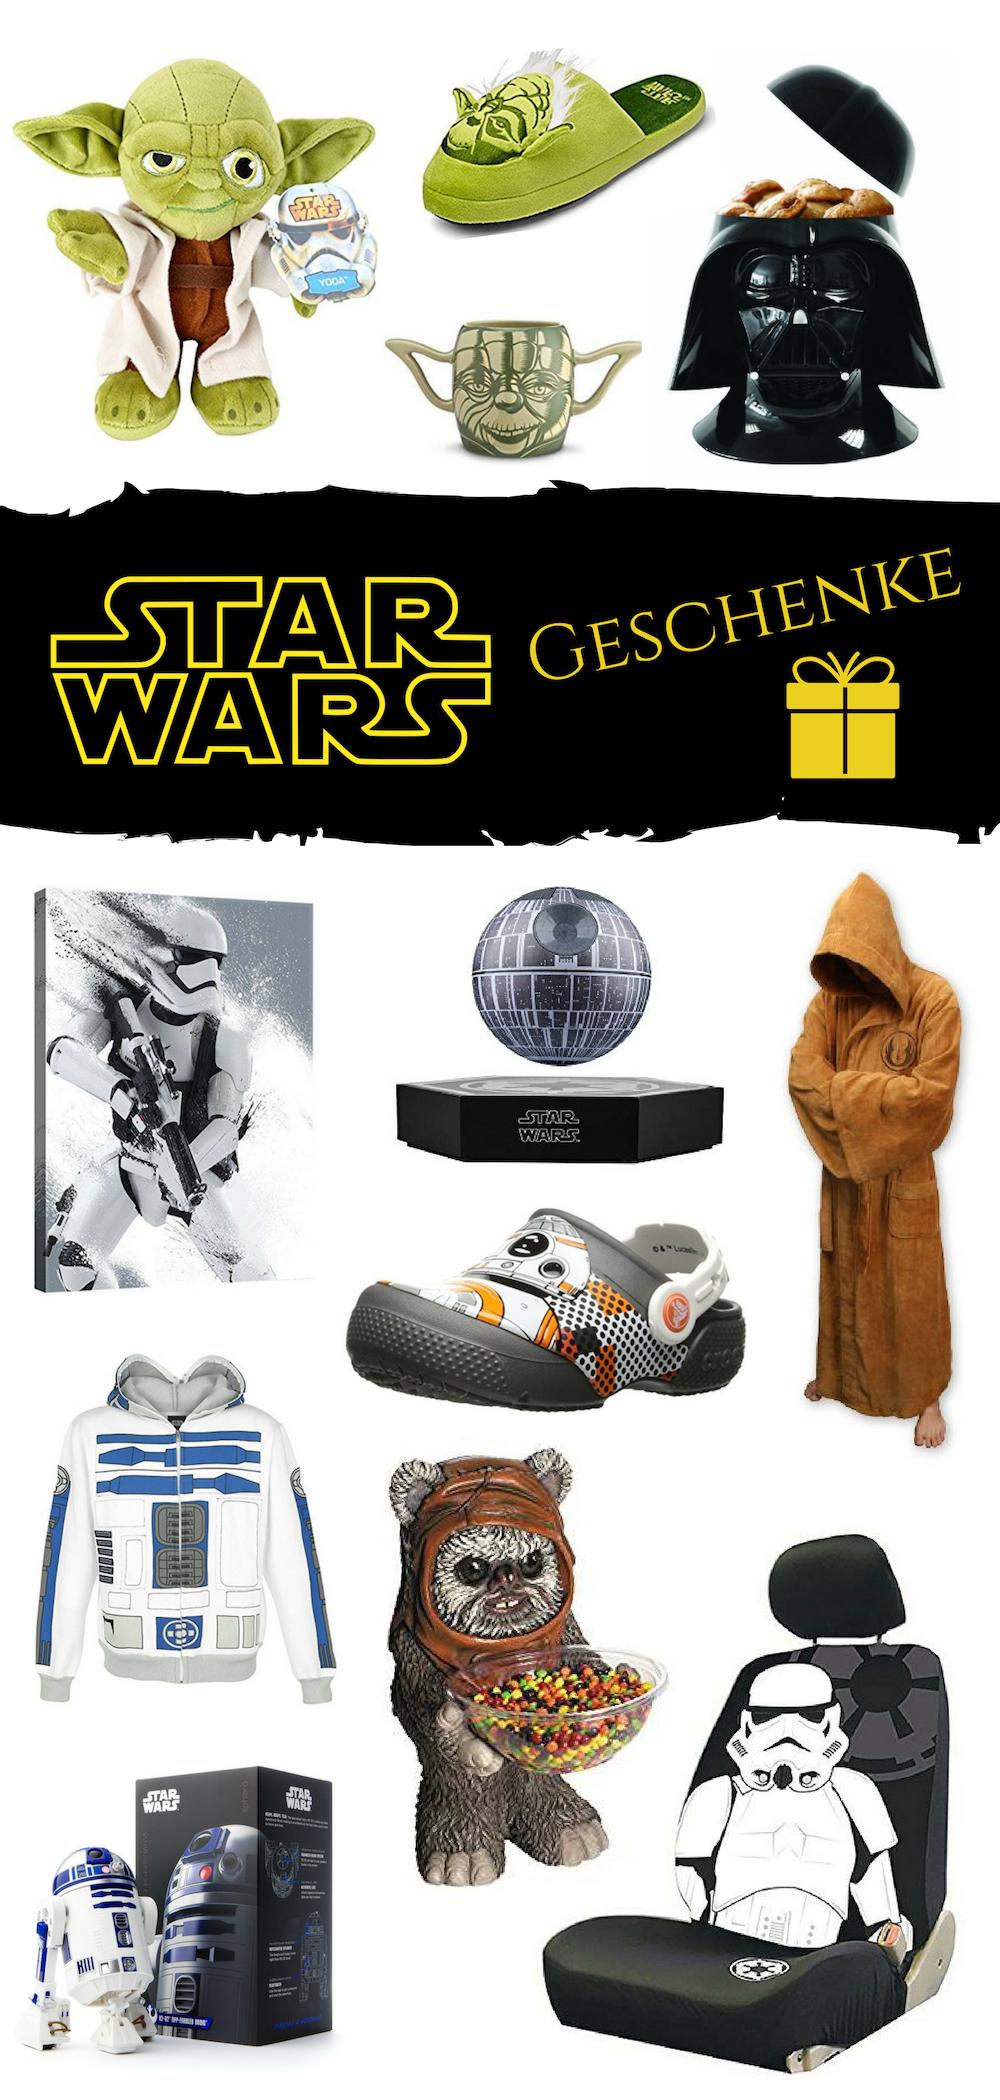 Star Wars Geschenkideen Geschenke Fur Star Wars Fans Vom Star Wars Flaschenoffner Uber Die Star Wars Lampe Star Wars Fanartikel Star War Star Wars Geschenke Geschenke Fur Teenager Und Geschenke